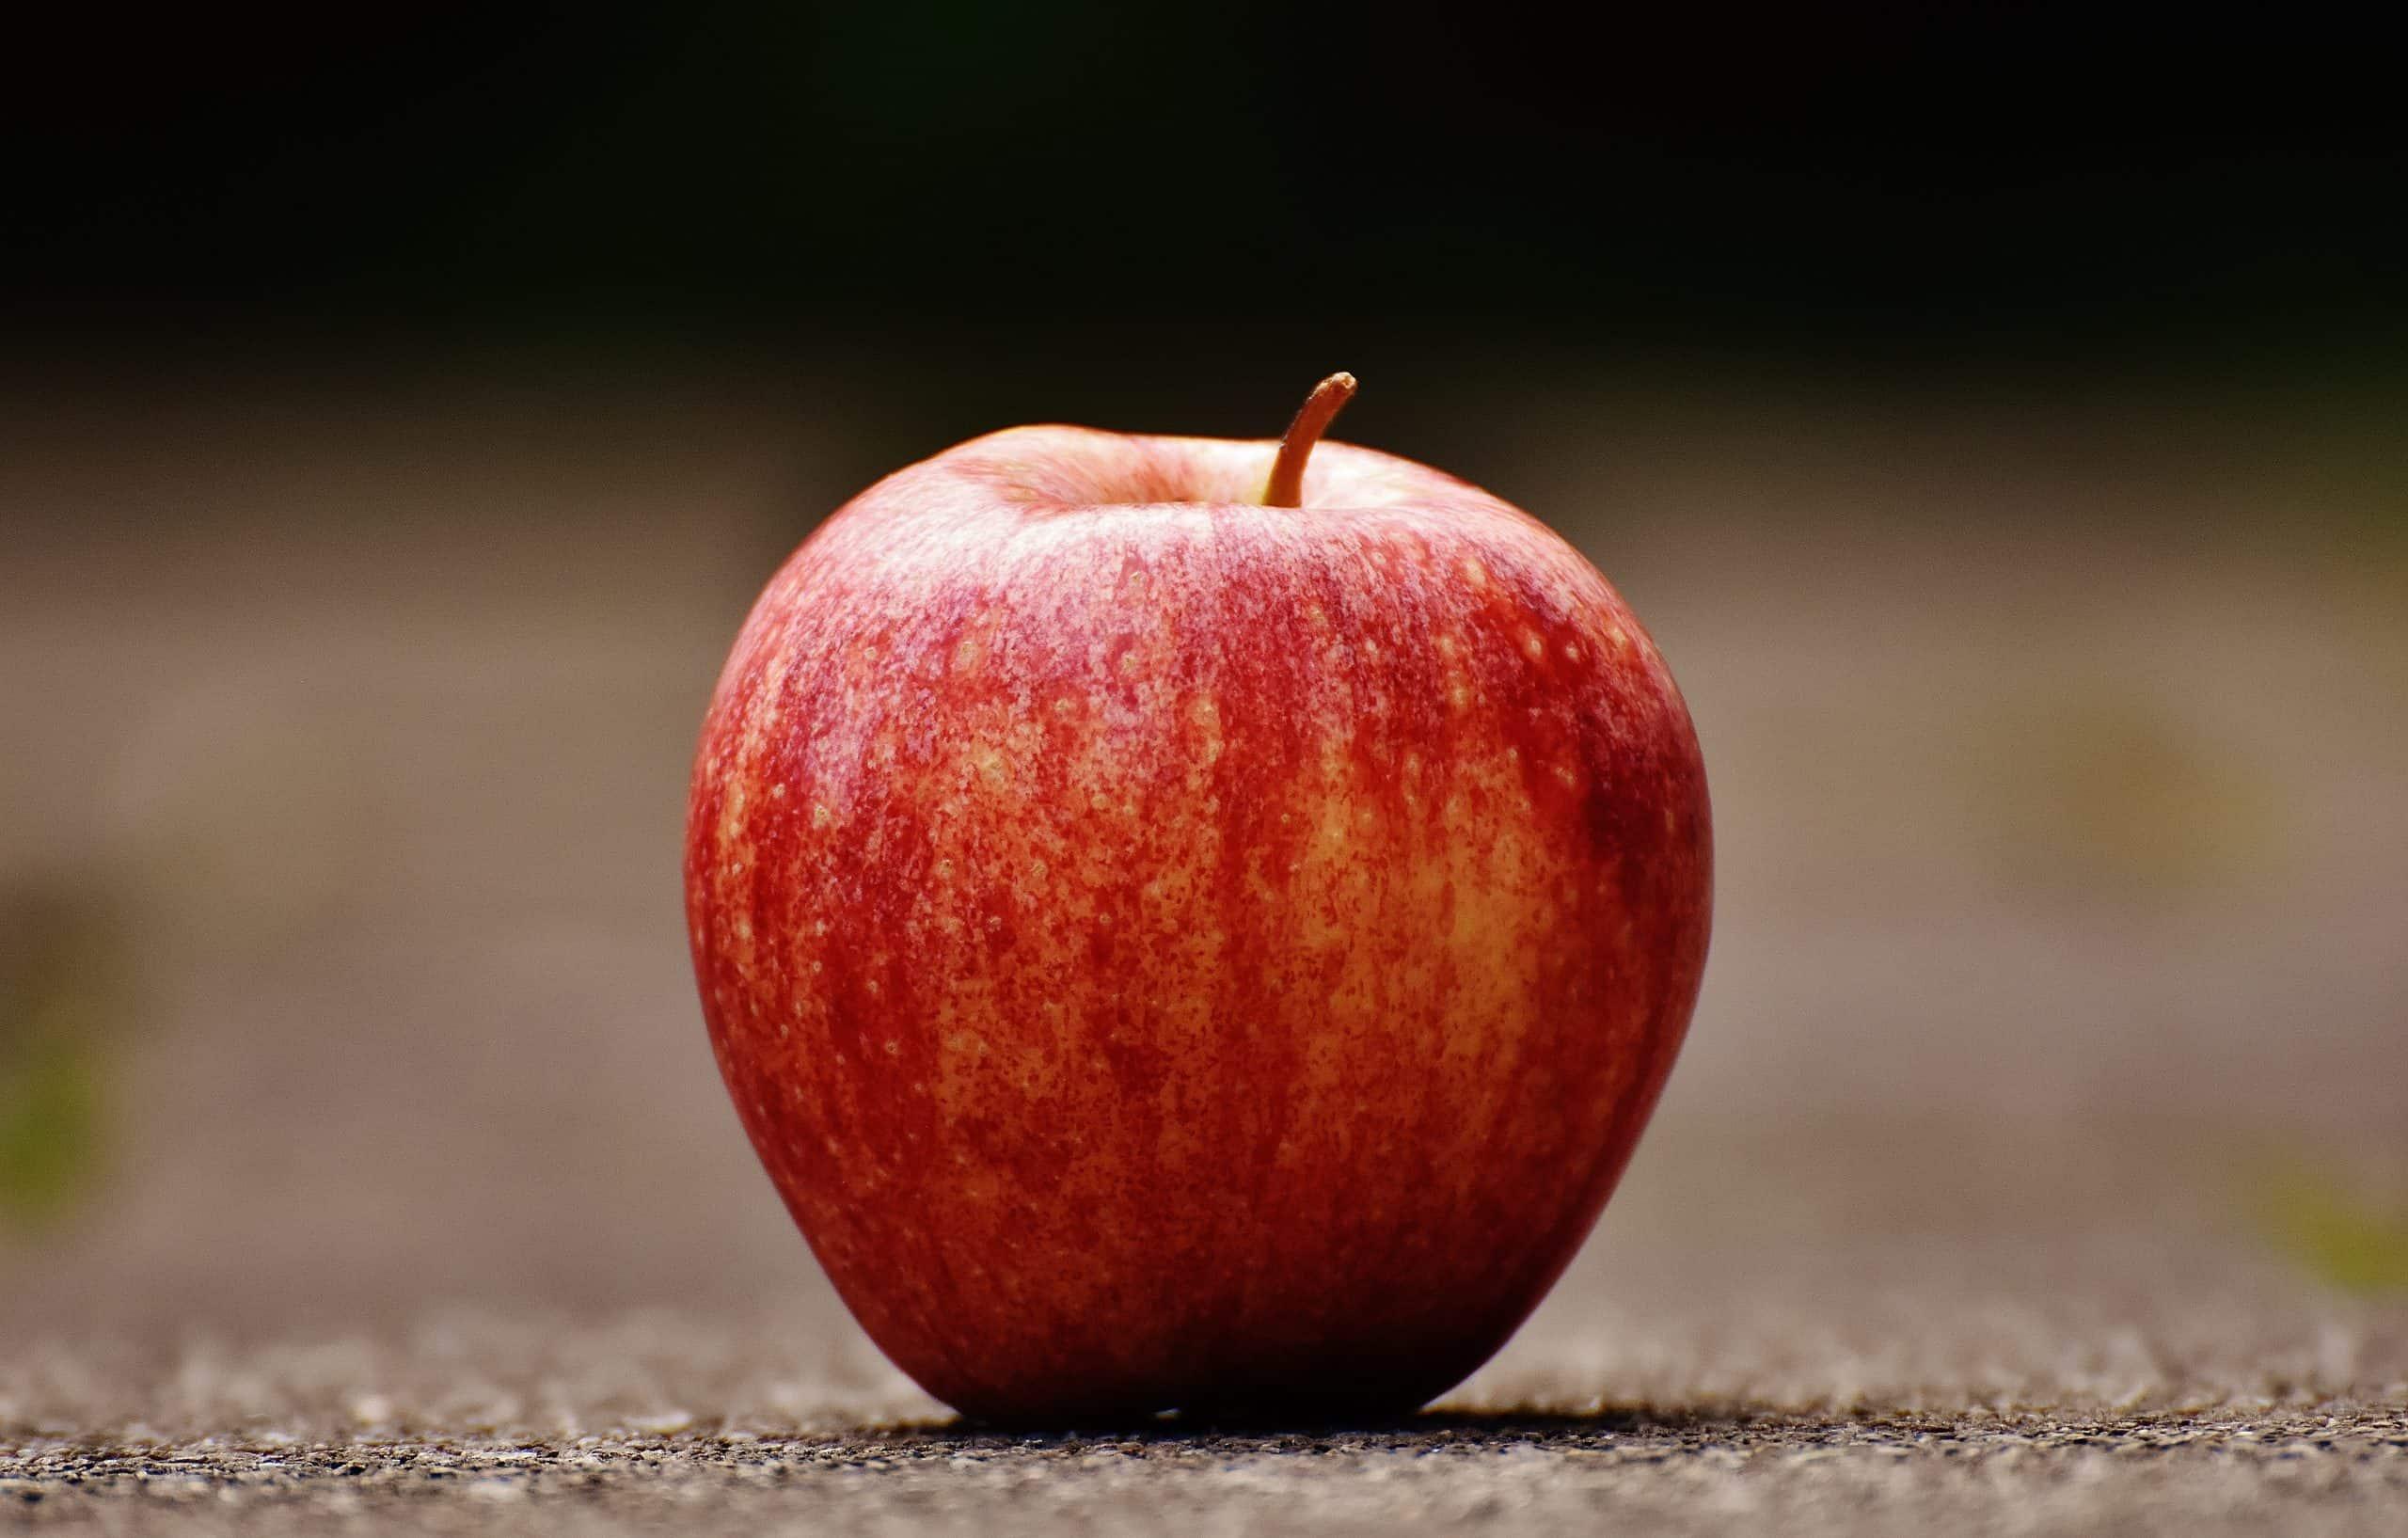 Comment faire germer un pépin de pomme sans germoir ?